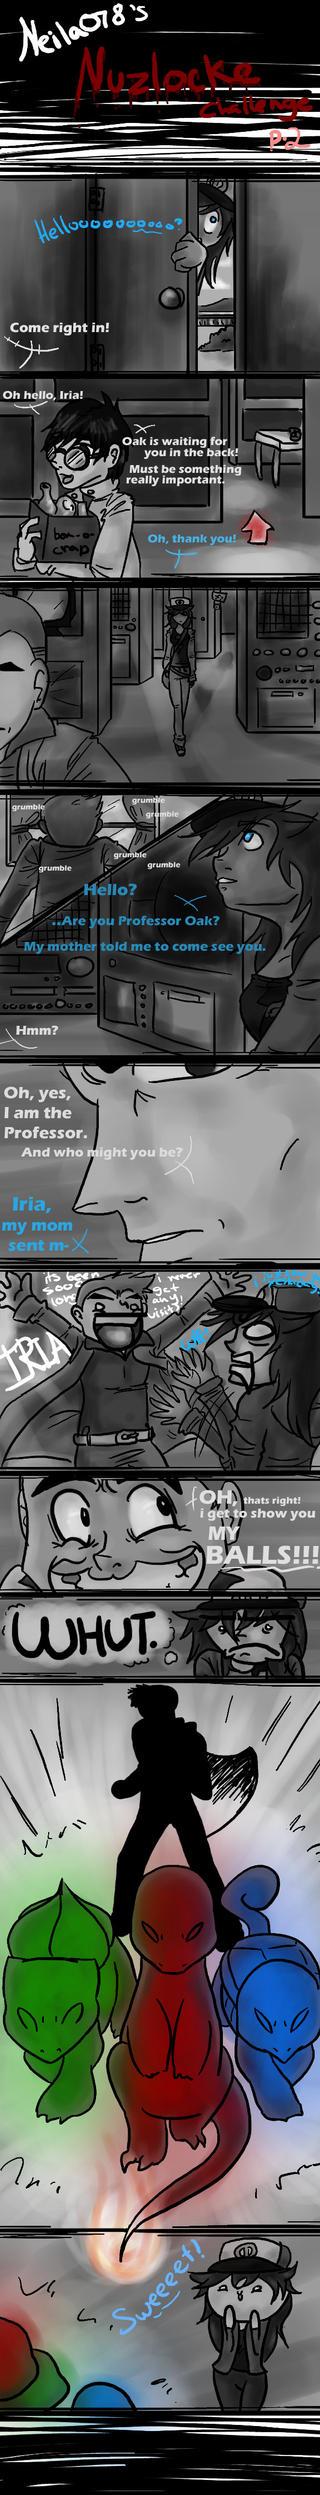 Red Nuzlocke - Page 2 by Neila078